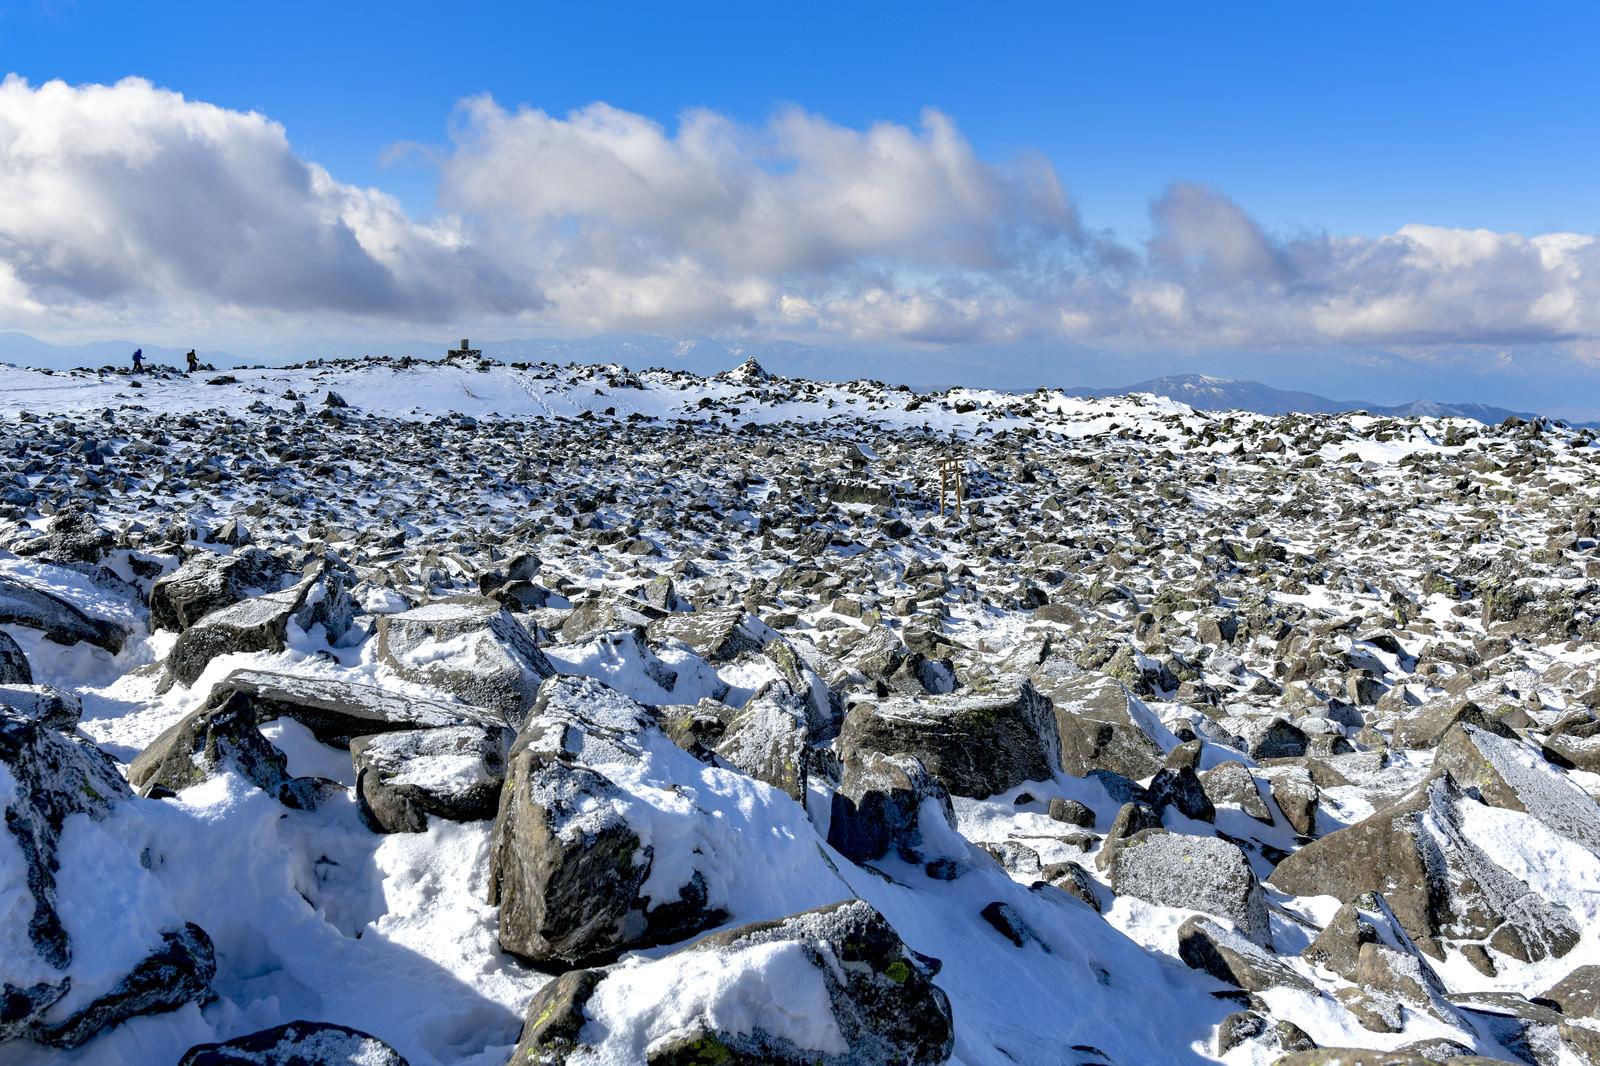 「岩が広がる蓼科山山頂の景色」の写真